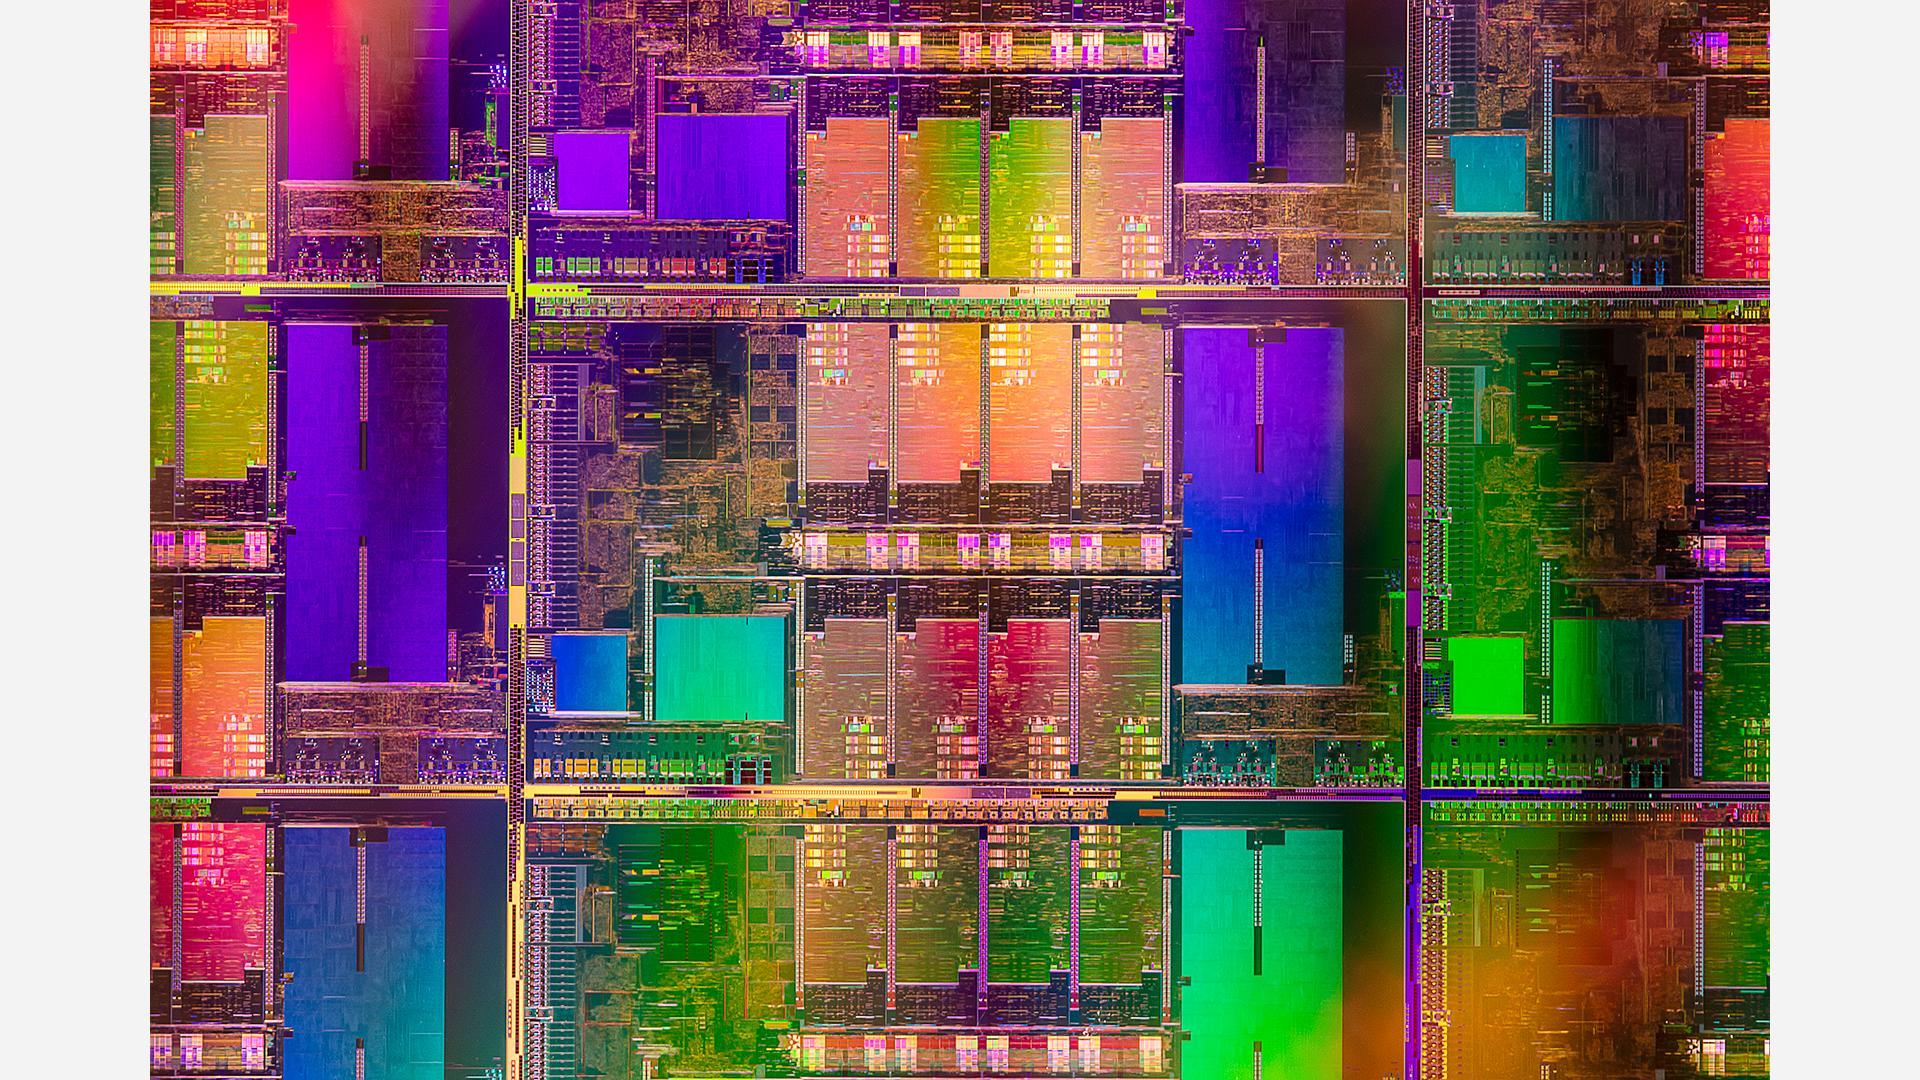 die-closeup-02-high-res.jpg.rendition.intel.web.1920.1080